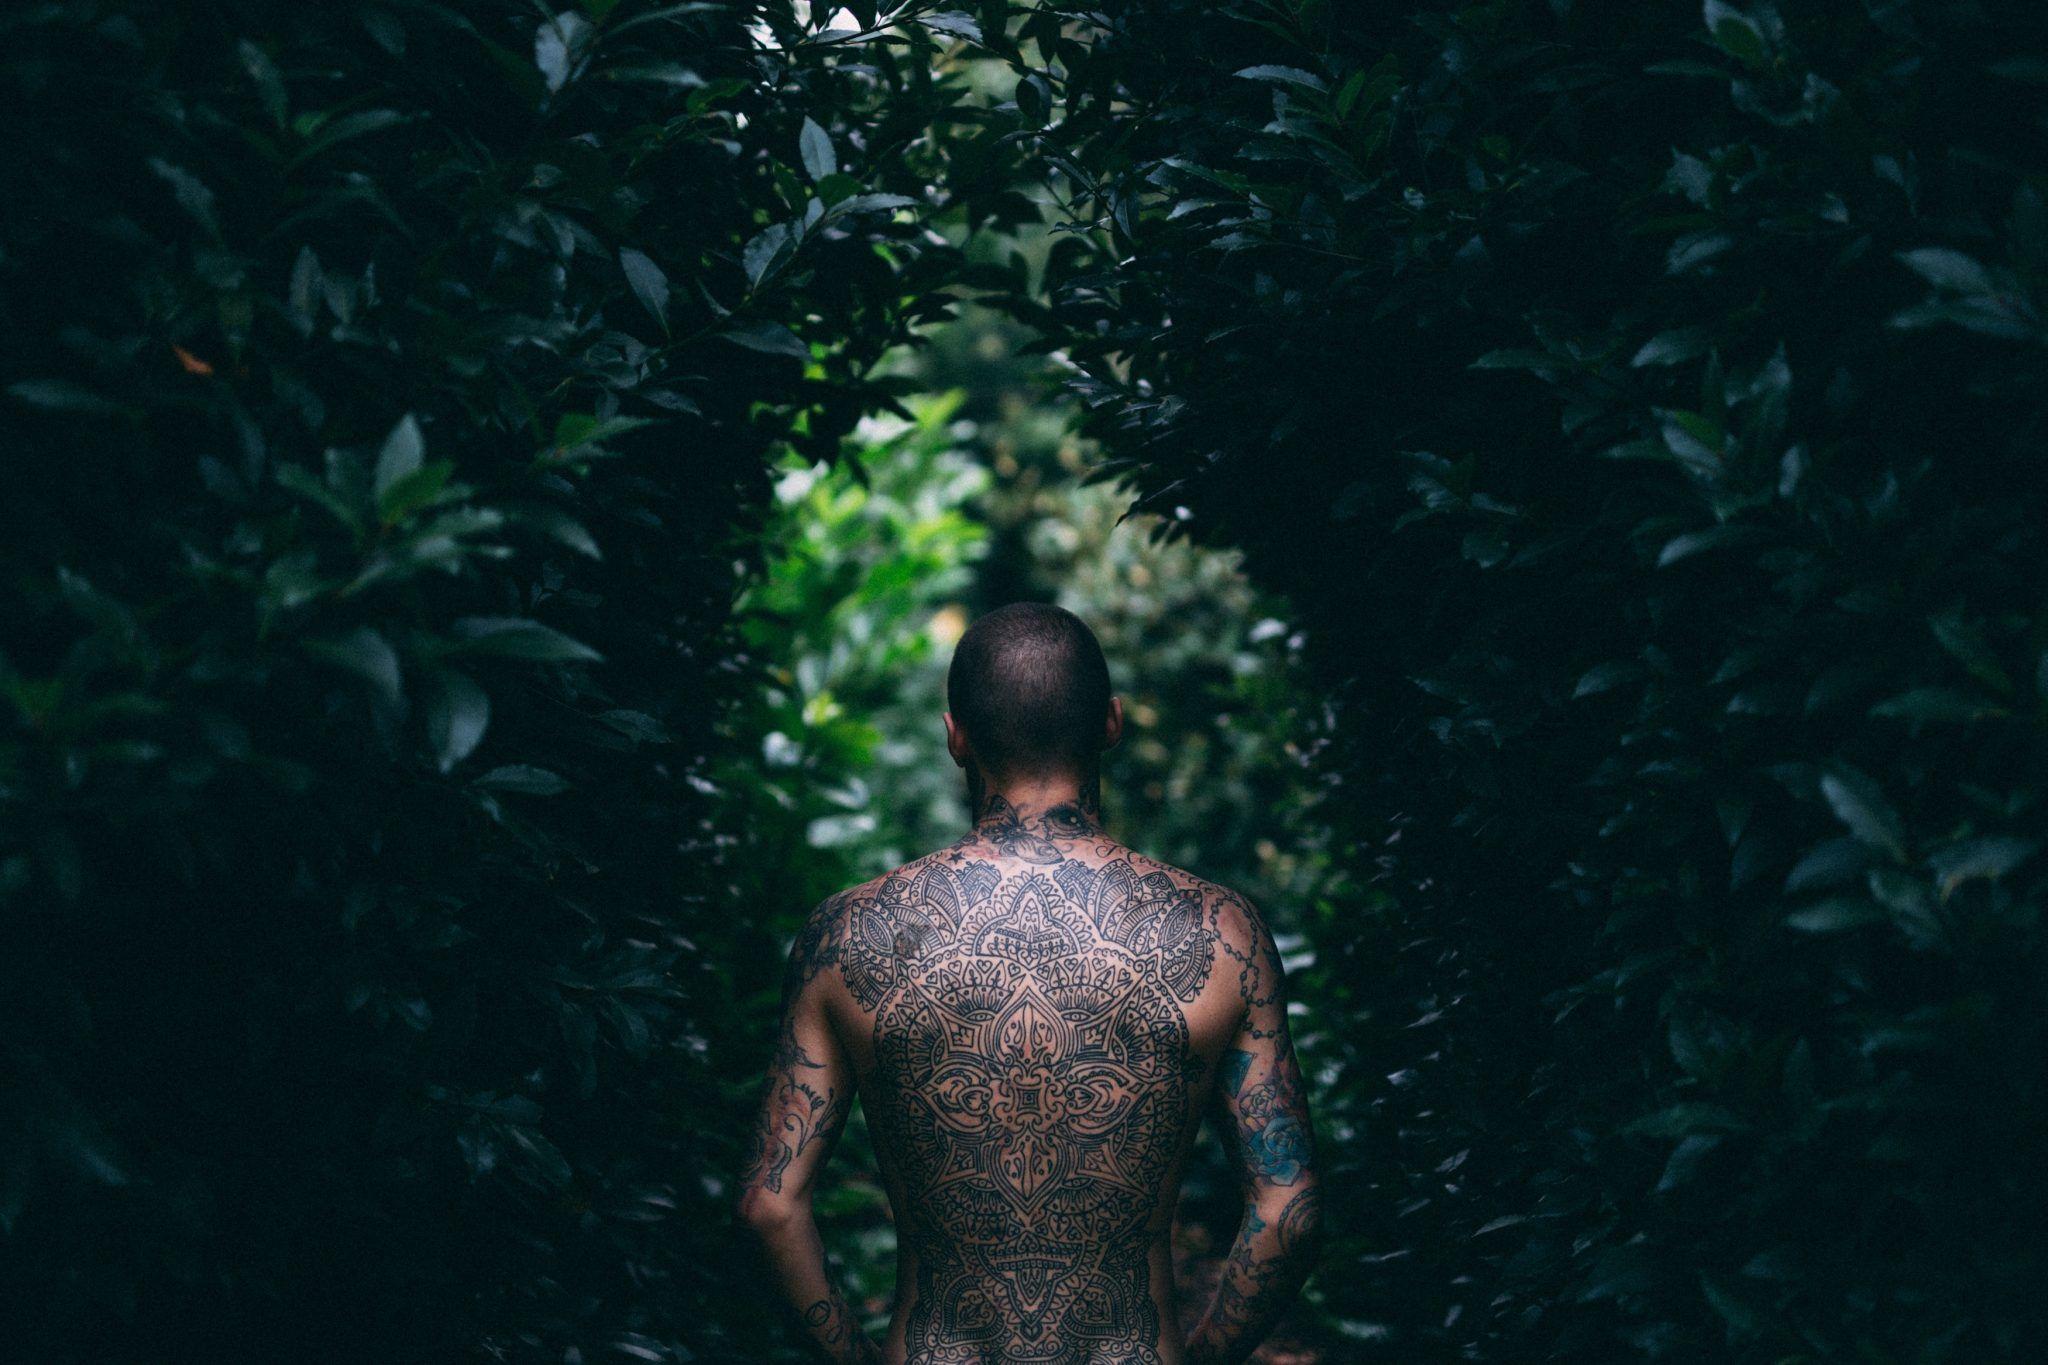 Tatuaggi Maori disegni: significato, simboli e punti dove farli – Notizie In Vetrina